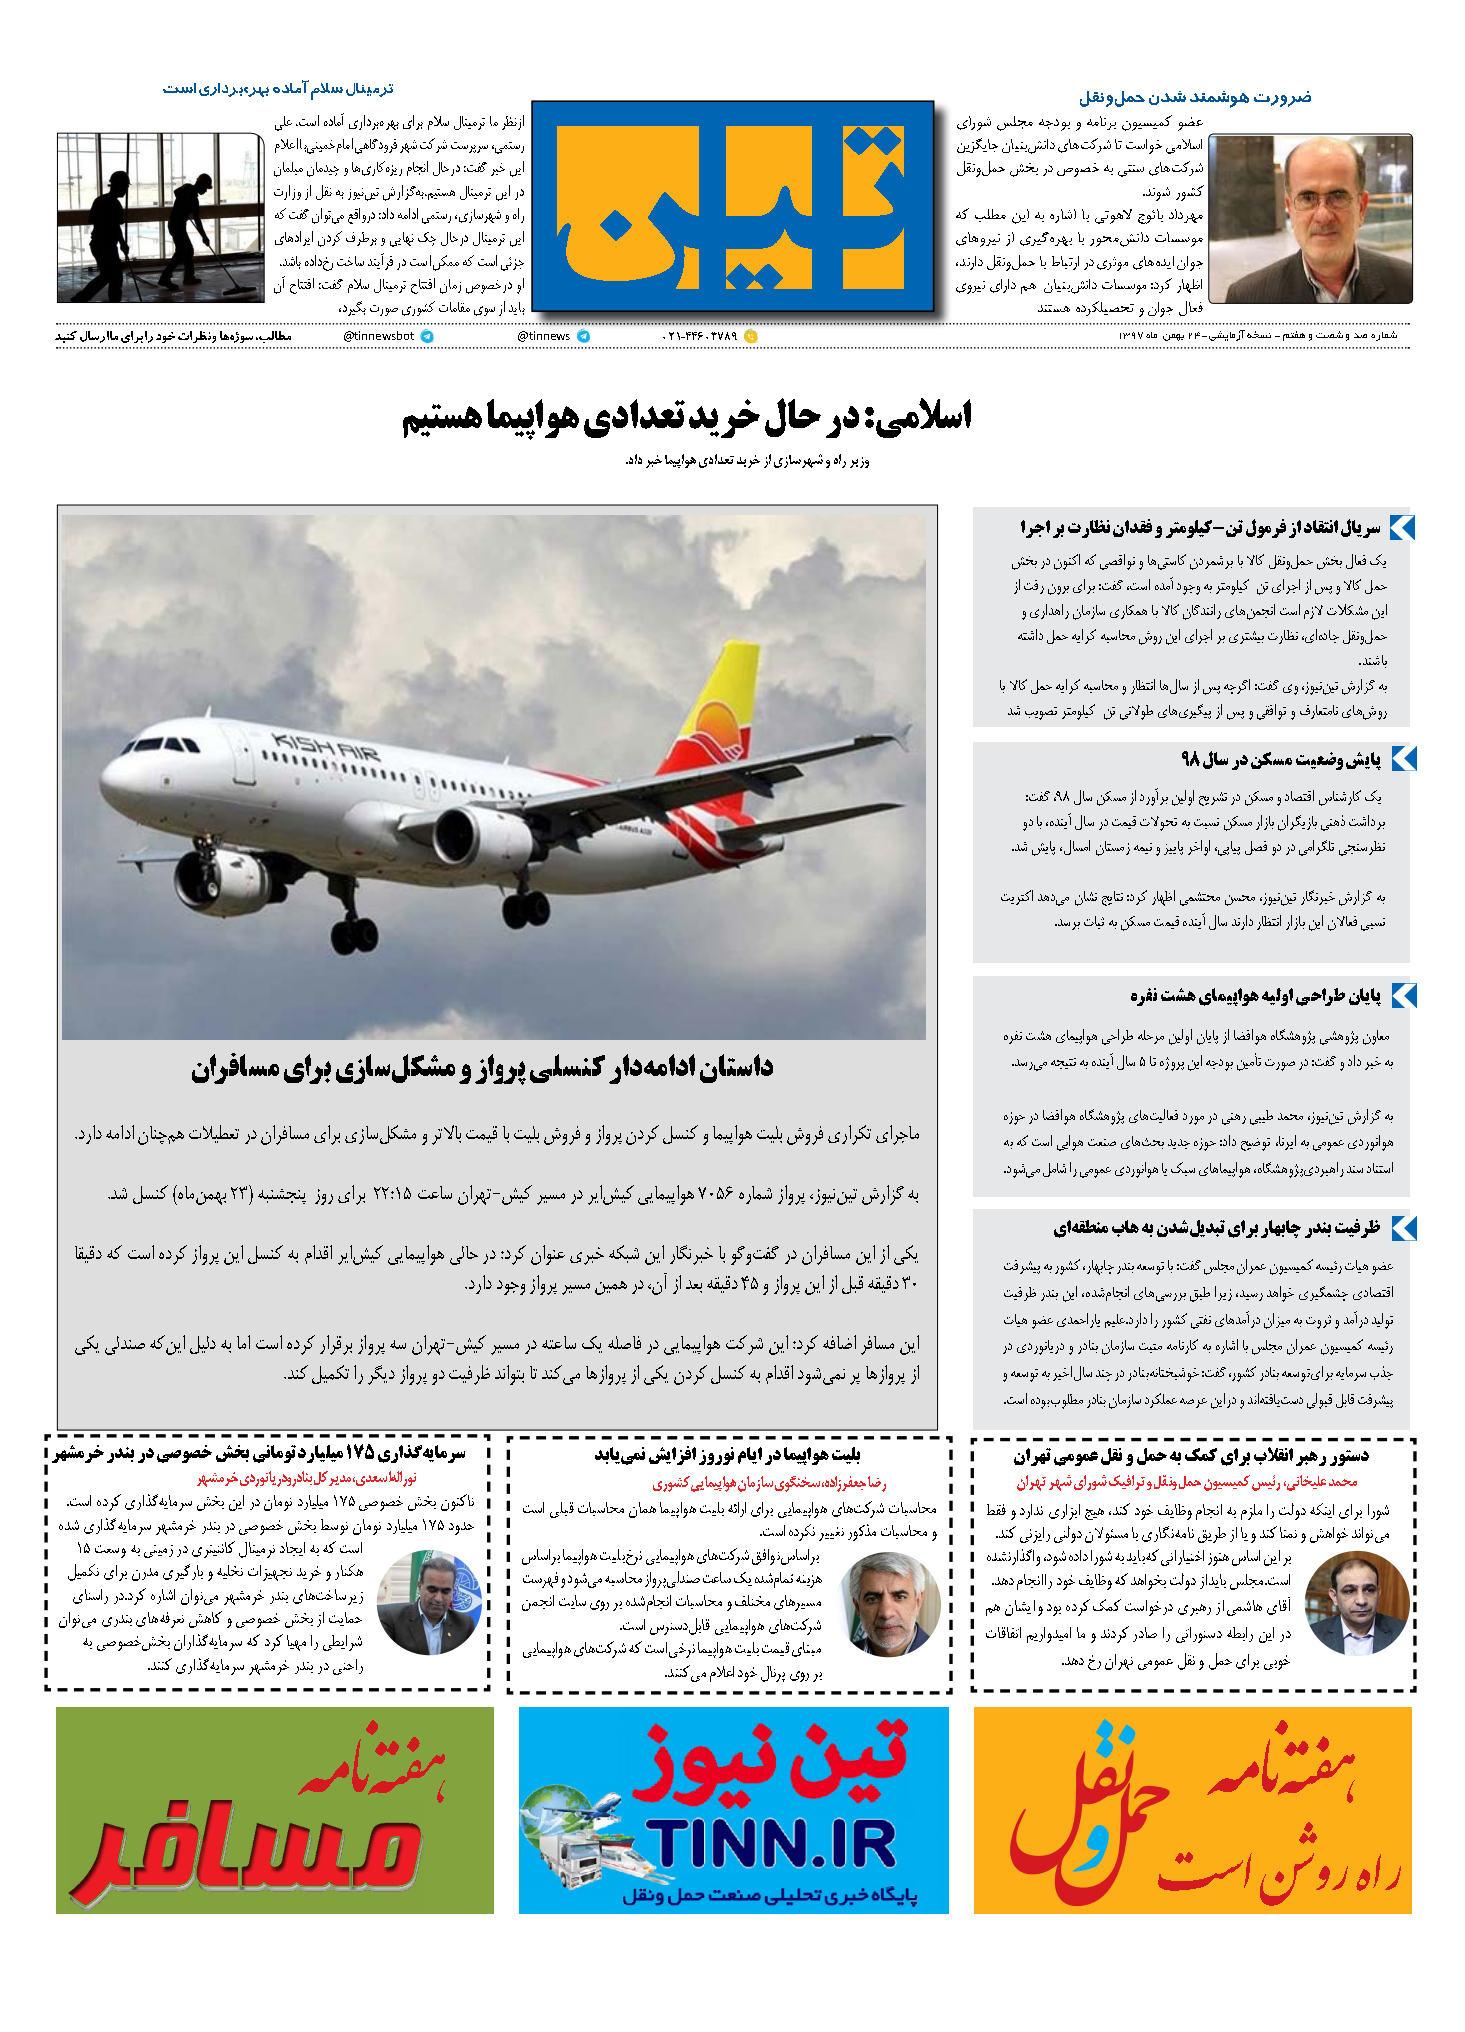 روزنامه الکترونیک 24 بهمن ماه 97